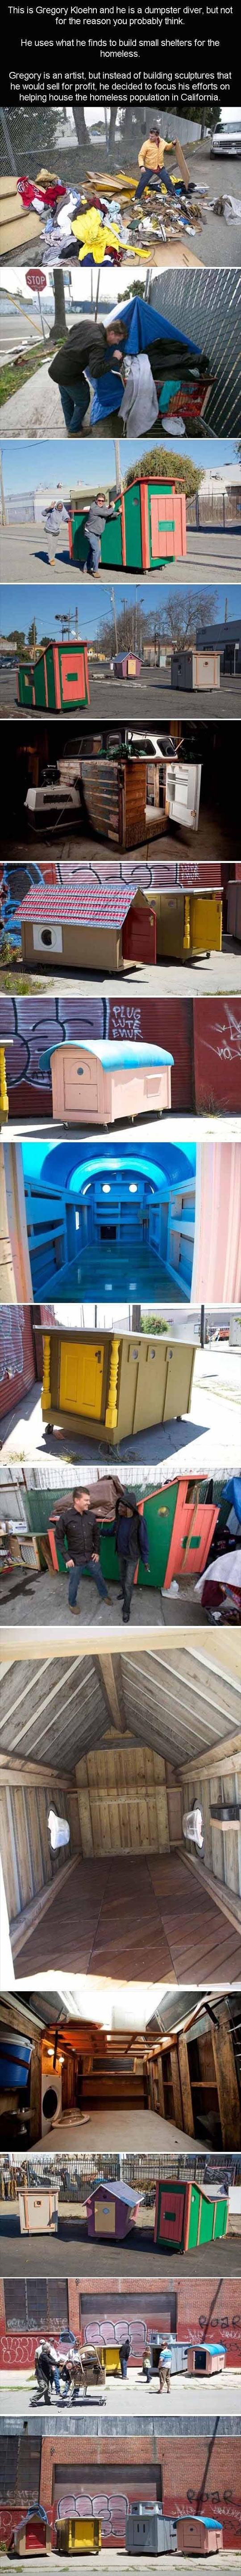 cool-homeless-artist-houses-building-dumpster